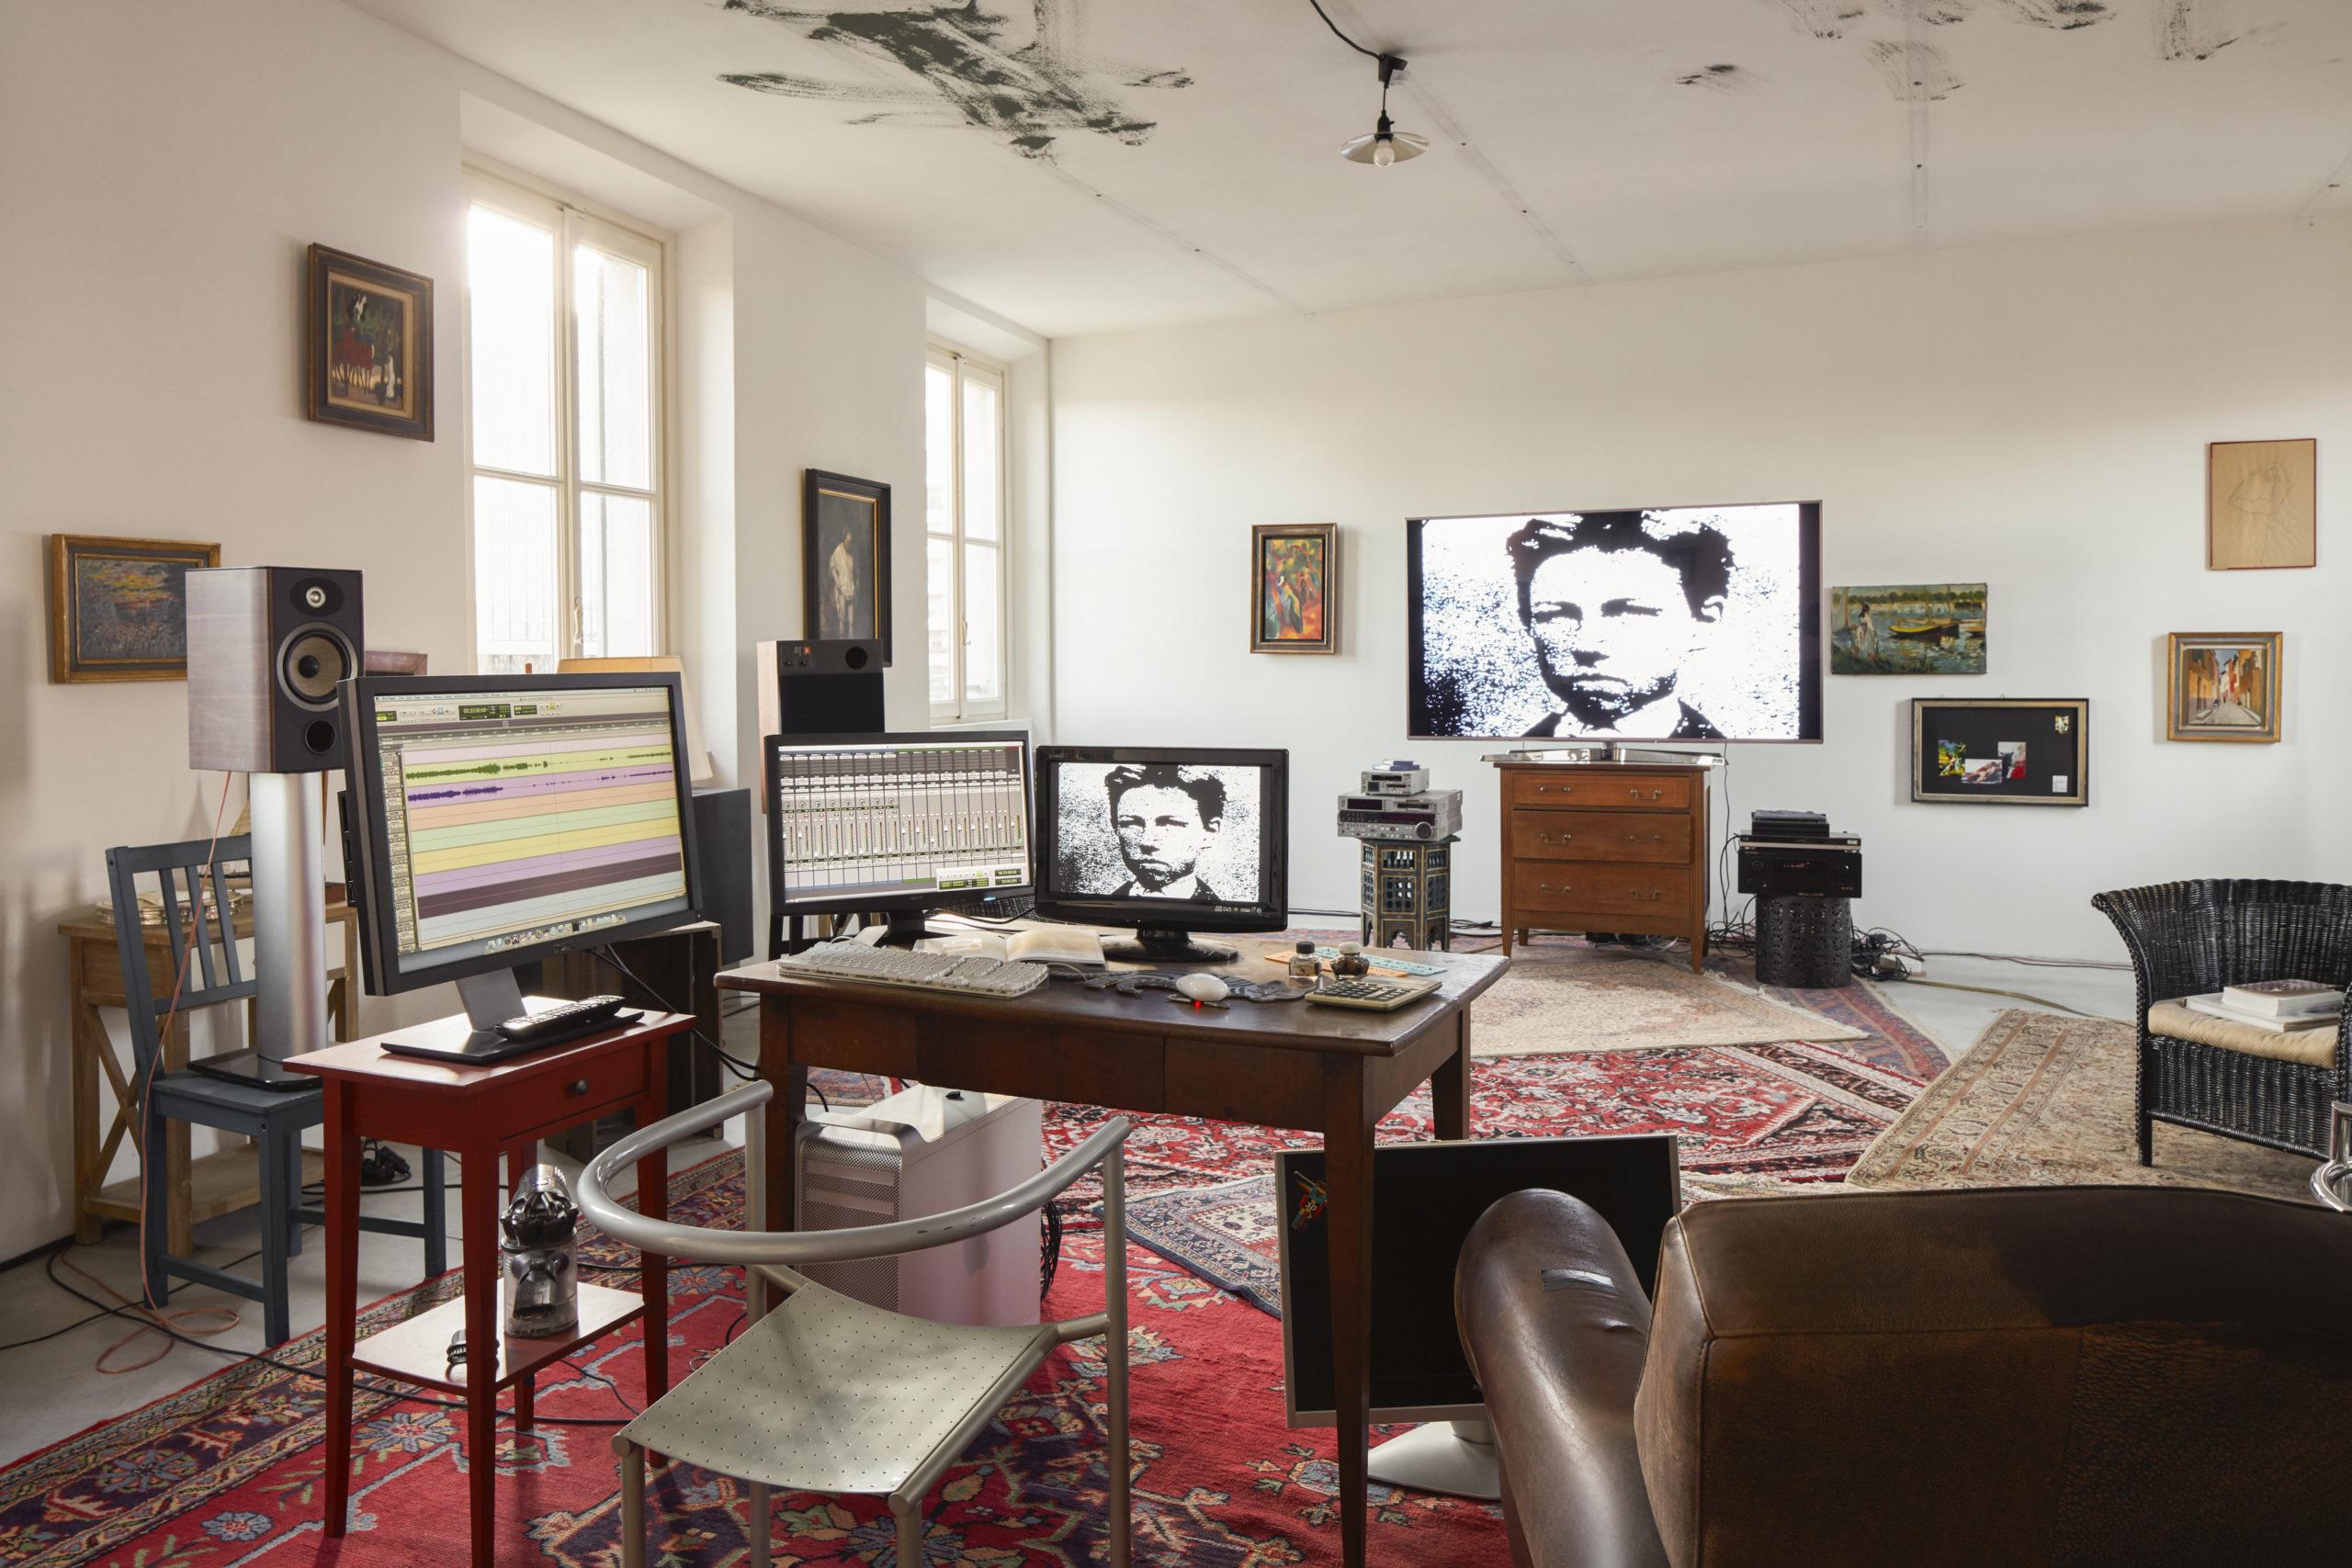 Il sogno diventa realtà. Lo studio di Jean-Luc Godard si trasferisce definitivamente alla Fondazione Prada di Milano